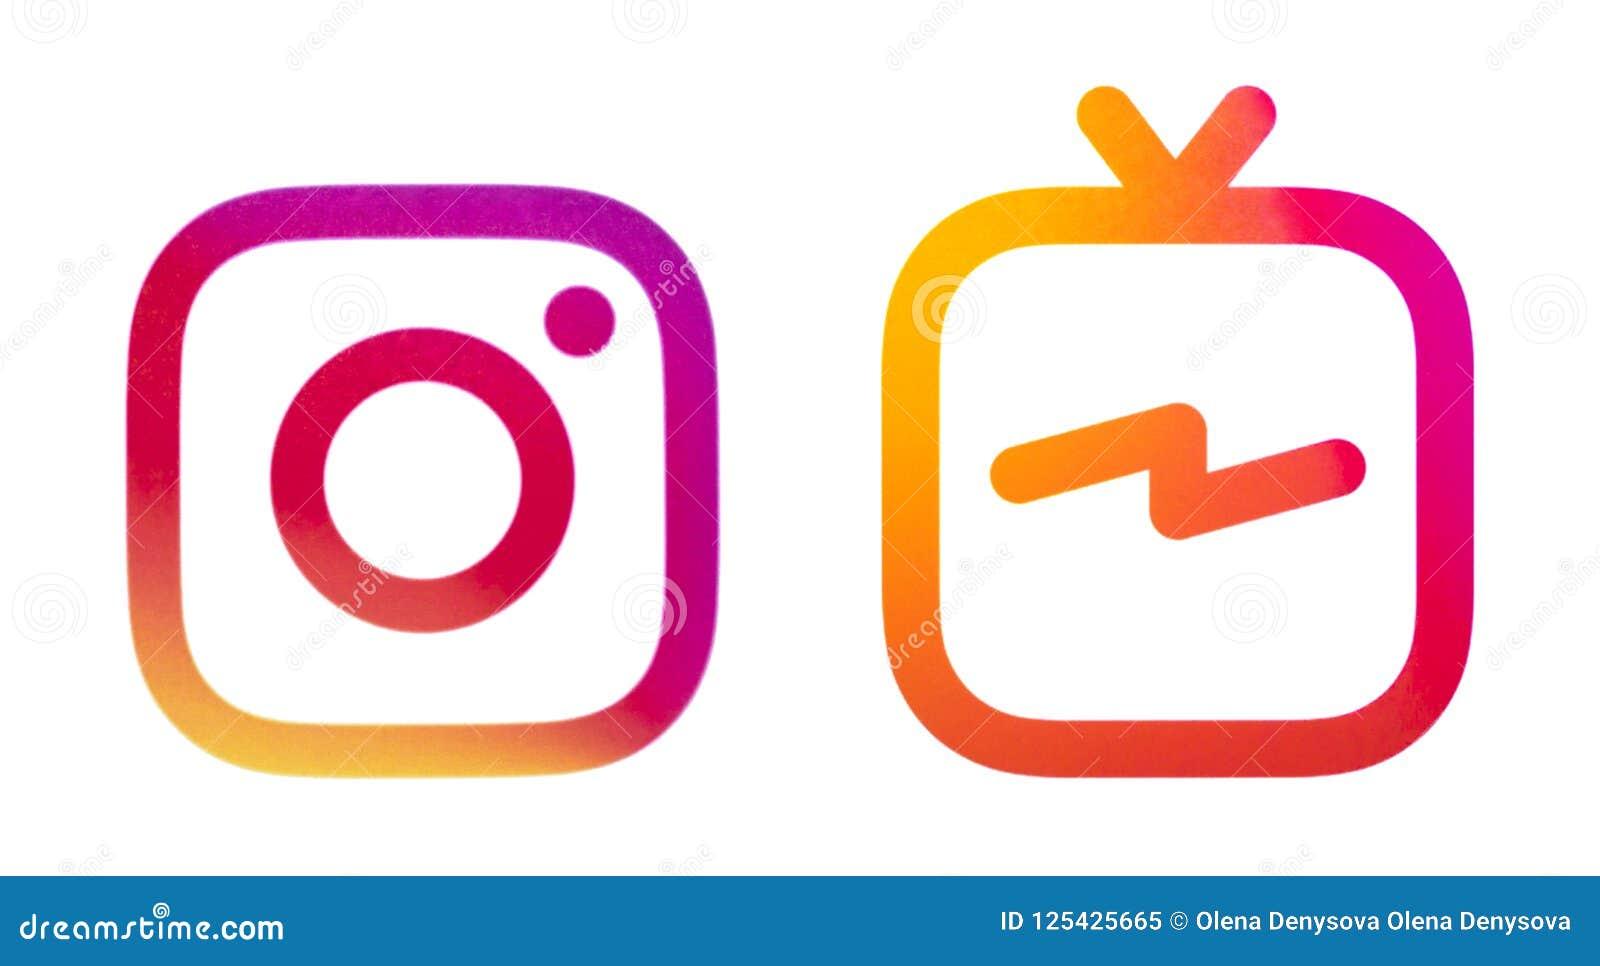 Logotipos de Instagram e de Instagram IGTV